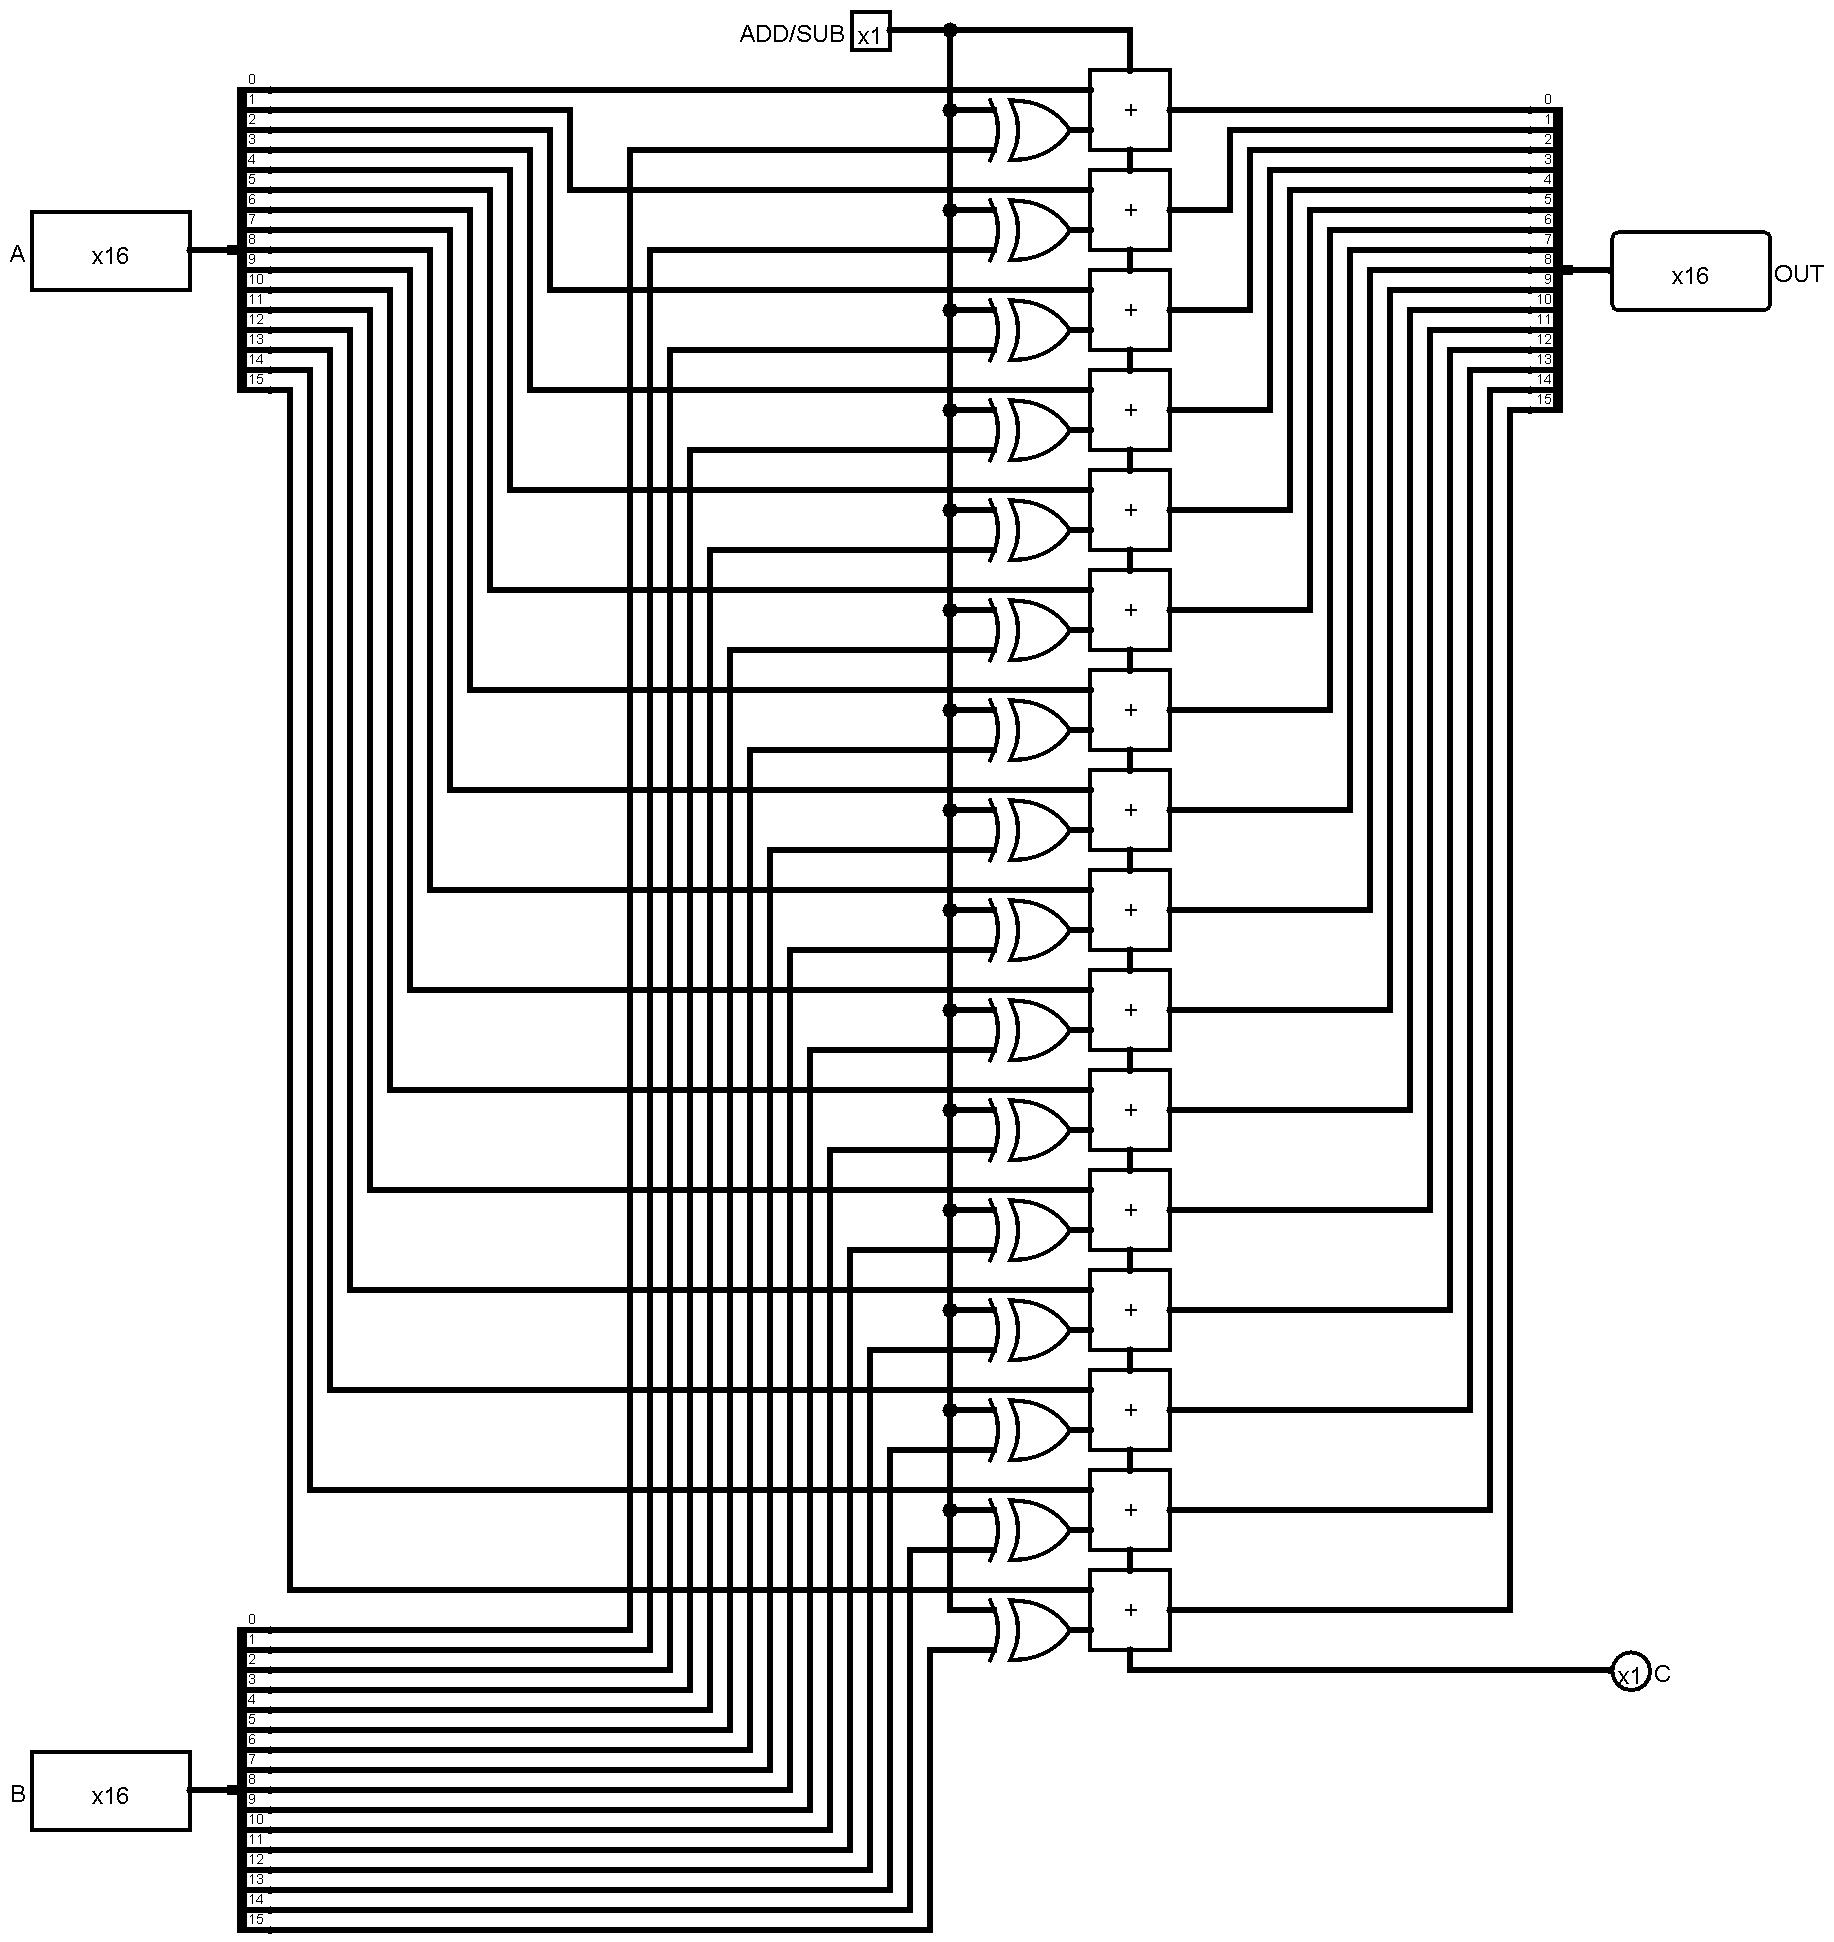 16 Bit Cpu Schematic   Wiring Diagram Database